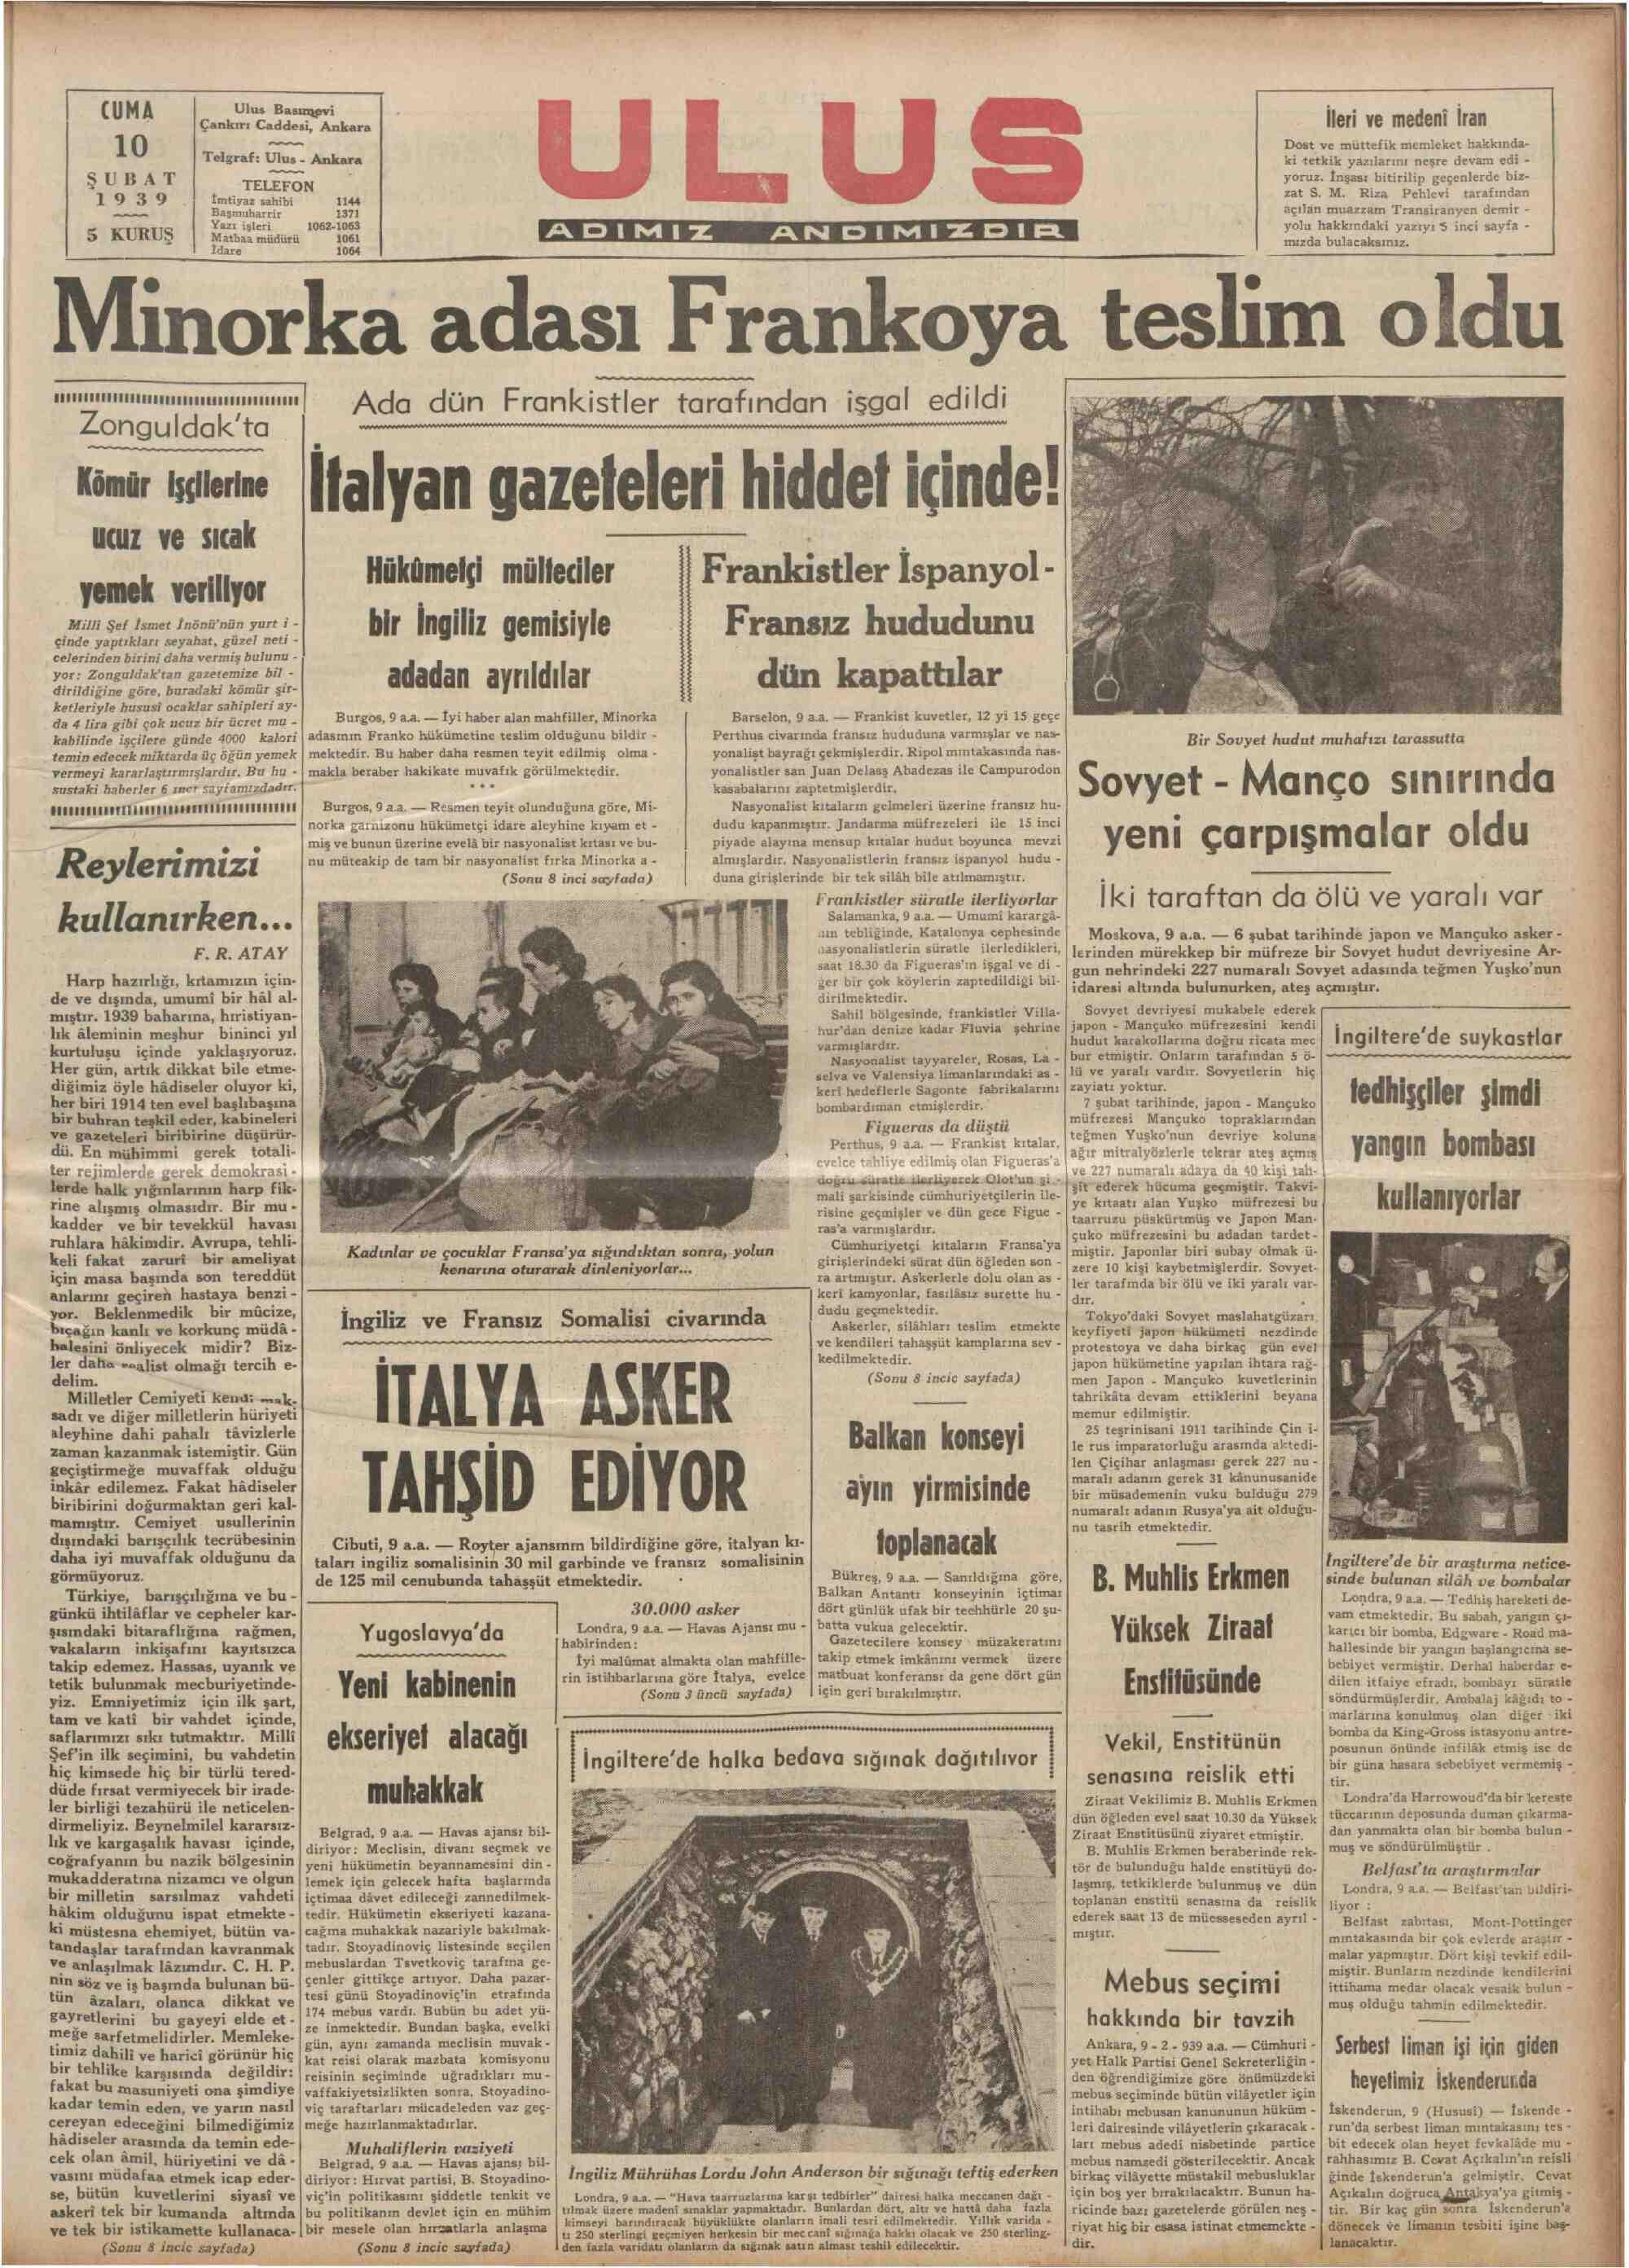 """VAOT KA AÜĞASI £ TANIKUOYA UCOLMME UVAULA 'Zon""""gmı_'ılıâgi:""""t'g """""""""""" Ada dün Frankistler tarafından işgal edildi Könir Hçleme İfalyan gazeleleri hiddet içinde! — UCUZ ve $ yemek veılllw Hükümelçi mülteciler Frankistler İspanyol -   Fransız hududunu * Milli Şef İsmet İnönü'nün yurt i - bir """"ll""""ll gemisivle"""